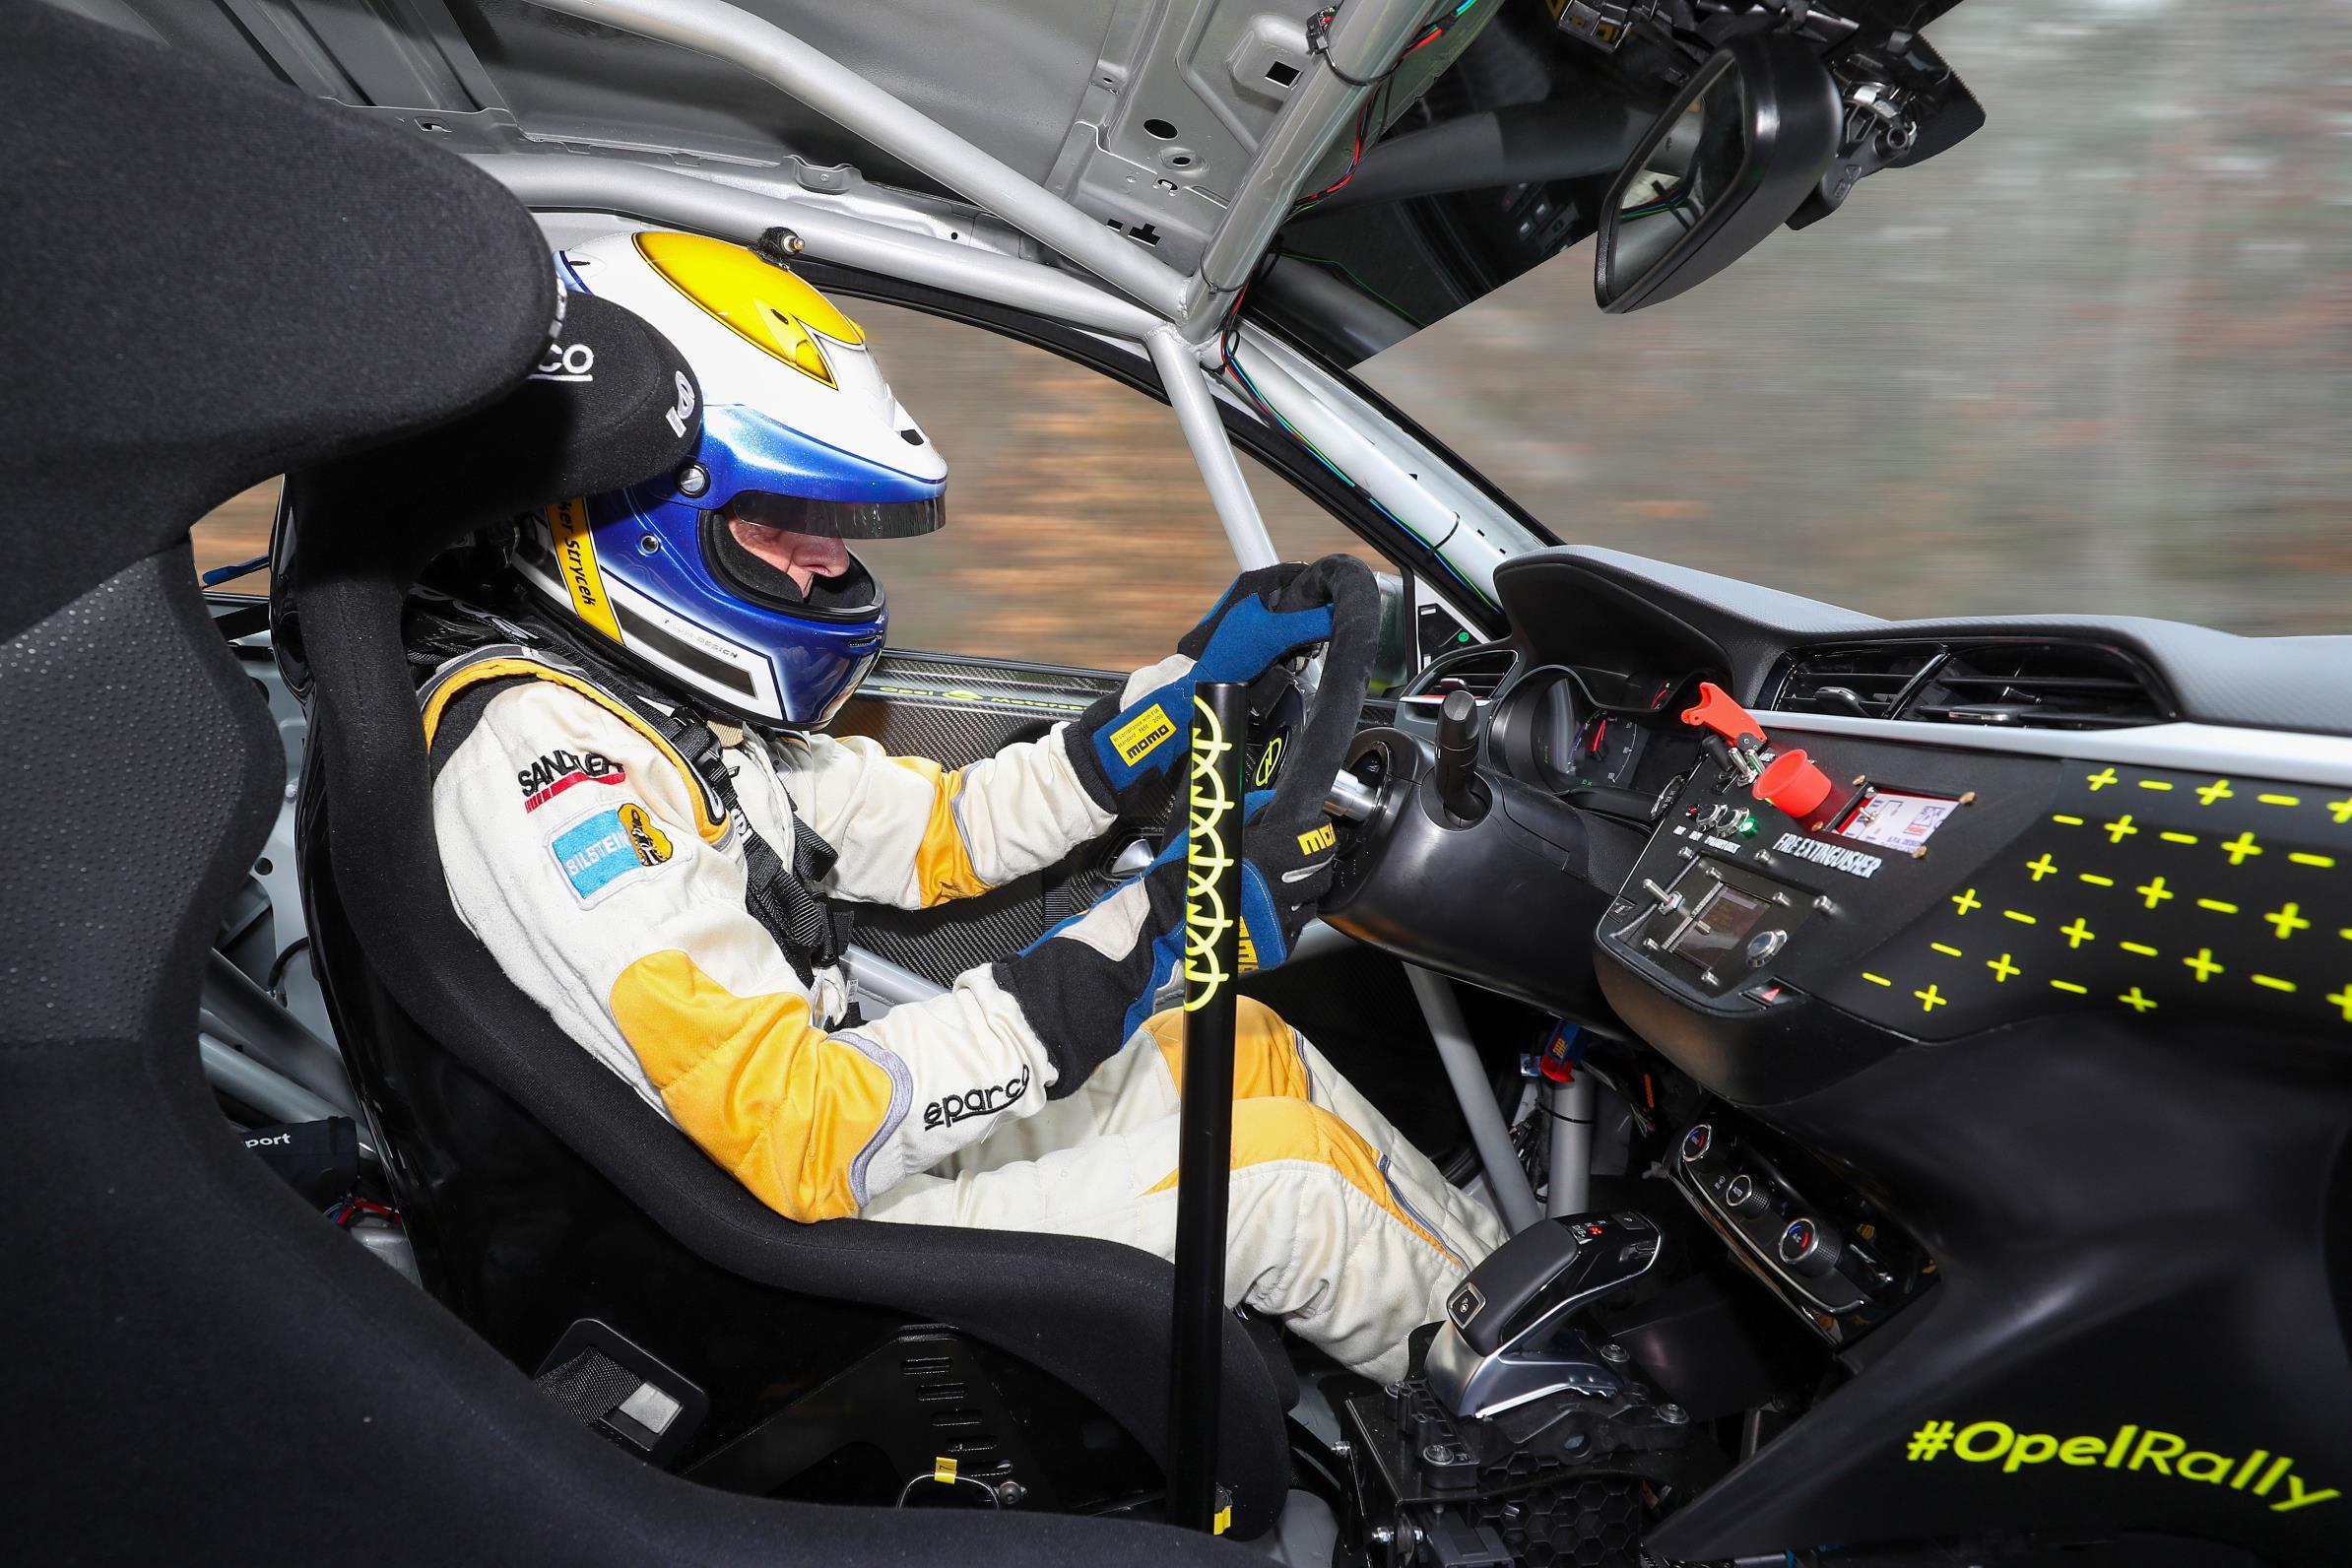 opel-corsa-e-rally-piloto-soymotor.jpg